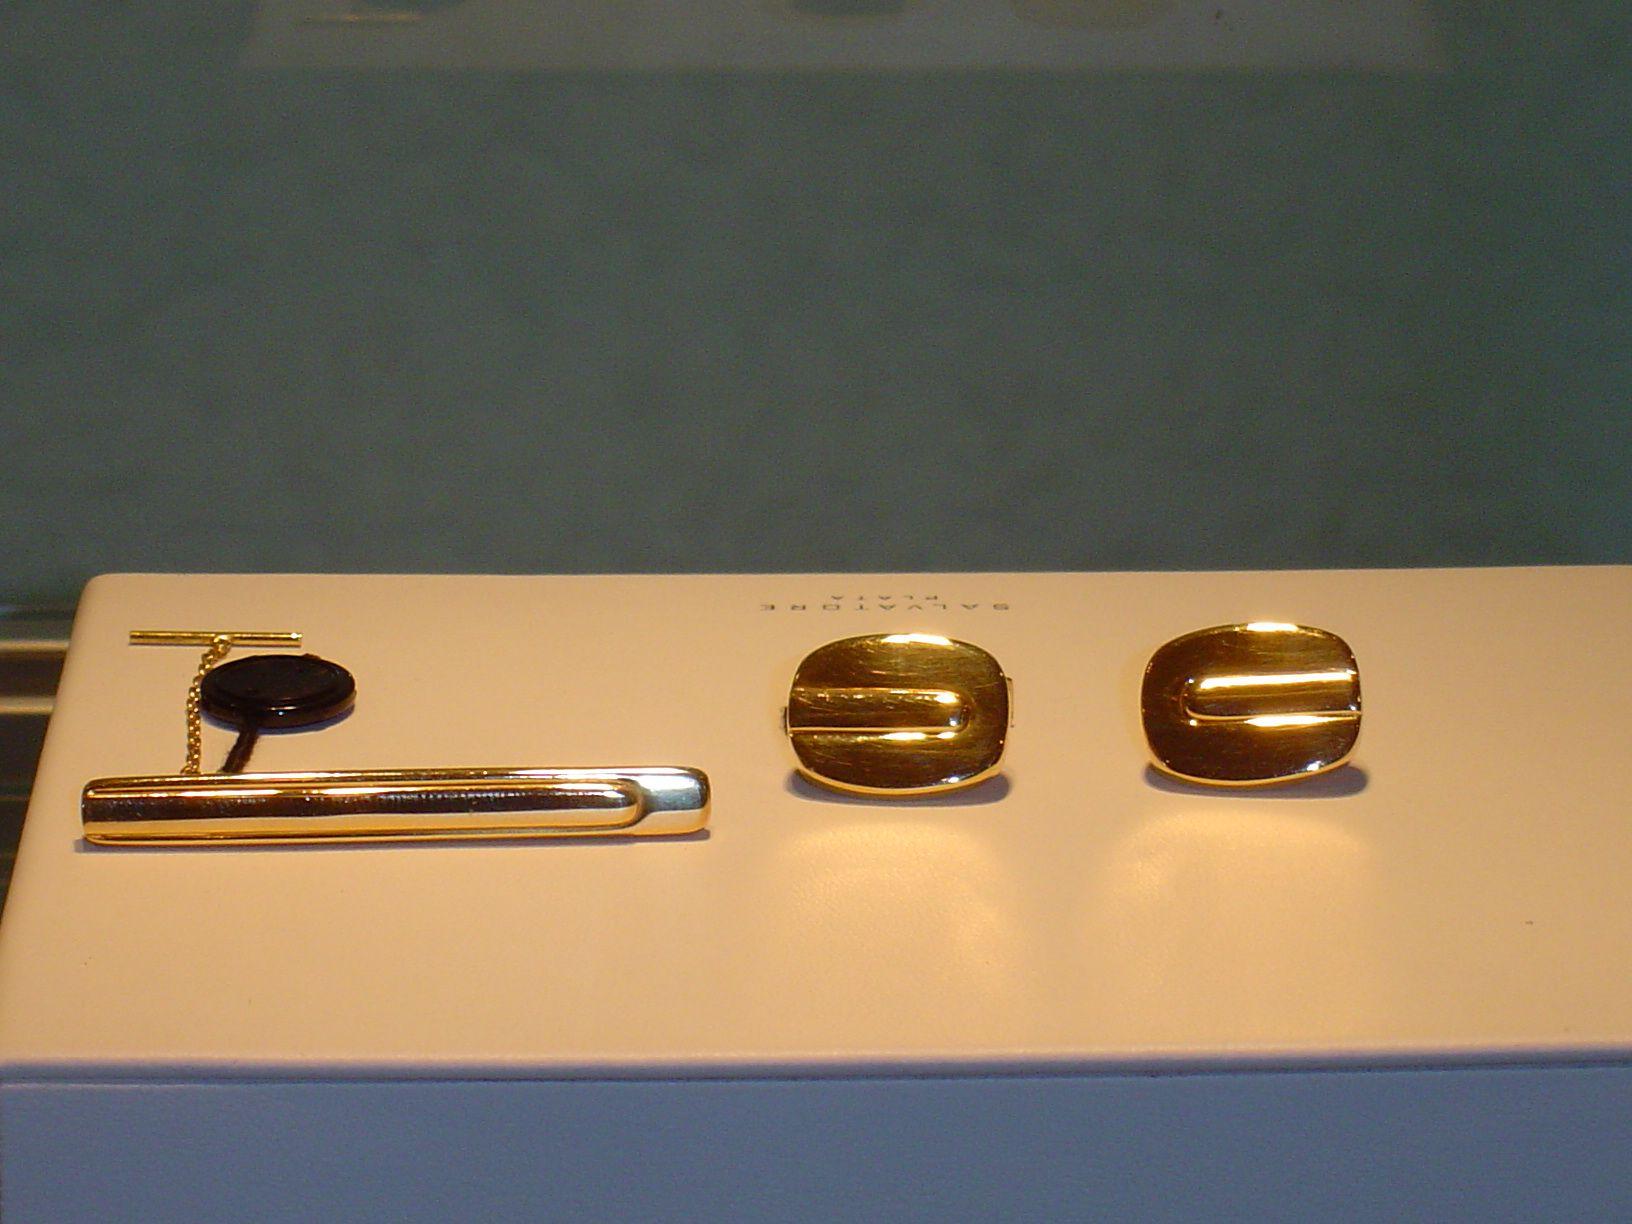 Pasador de corbata en oro. PVP 440 €  (antes 550 €). Gemelos de oro. PVP 680 € (antes 850 €)